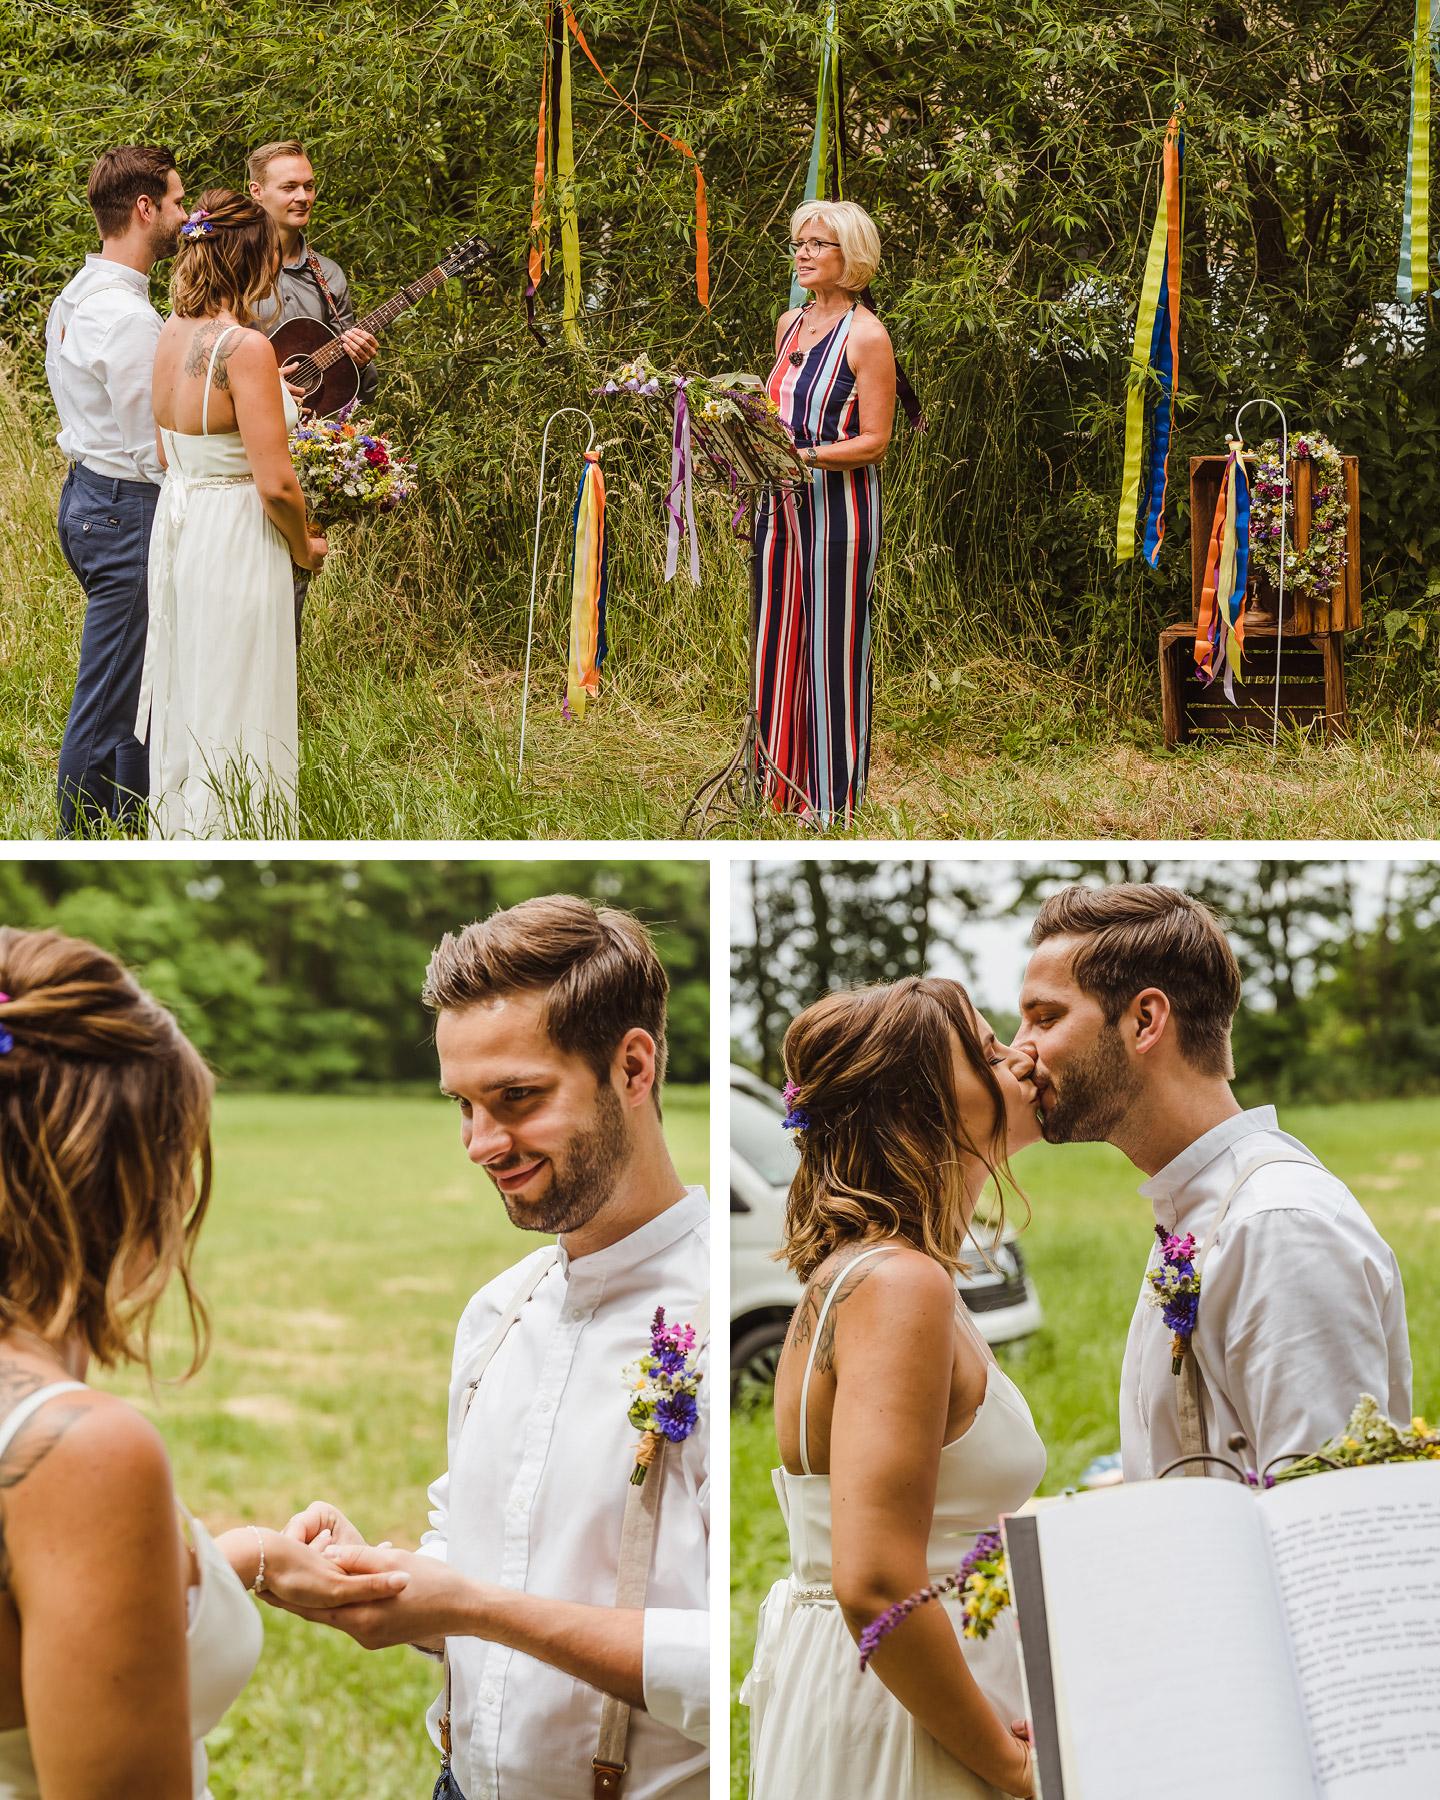 Hochzeitspaar und Traurednerin stehen auf einer Wiese für ein freies Trauungsritual.